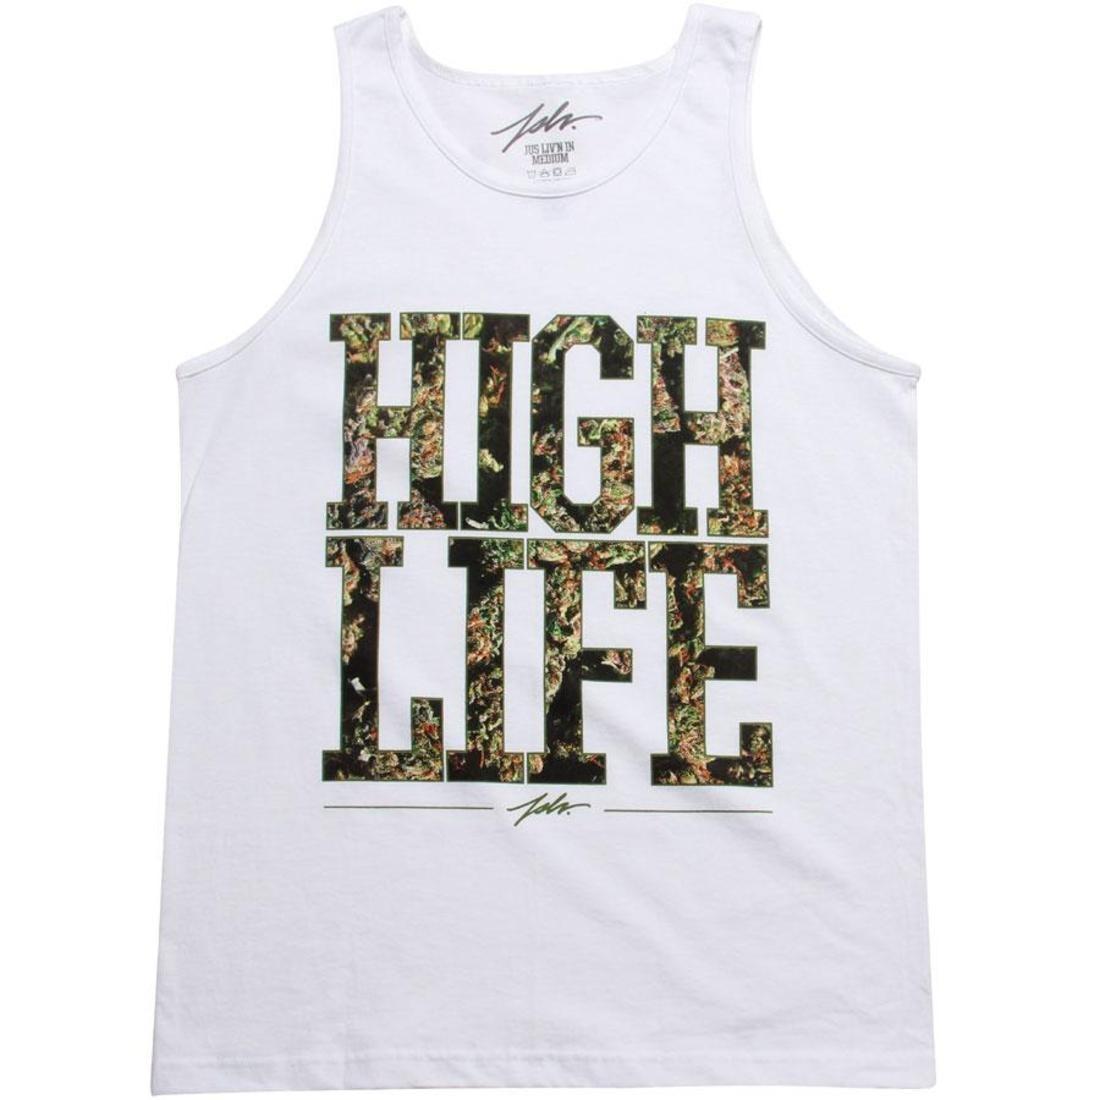 ハイ タンクトップ 白 ホワイト 緑 グリーン 【 WHITE GREEN JSLV HIGH LIFE TANK TOP 】 メンズファッション トップス タンクトップ